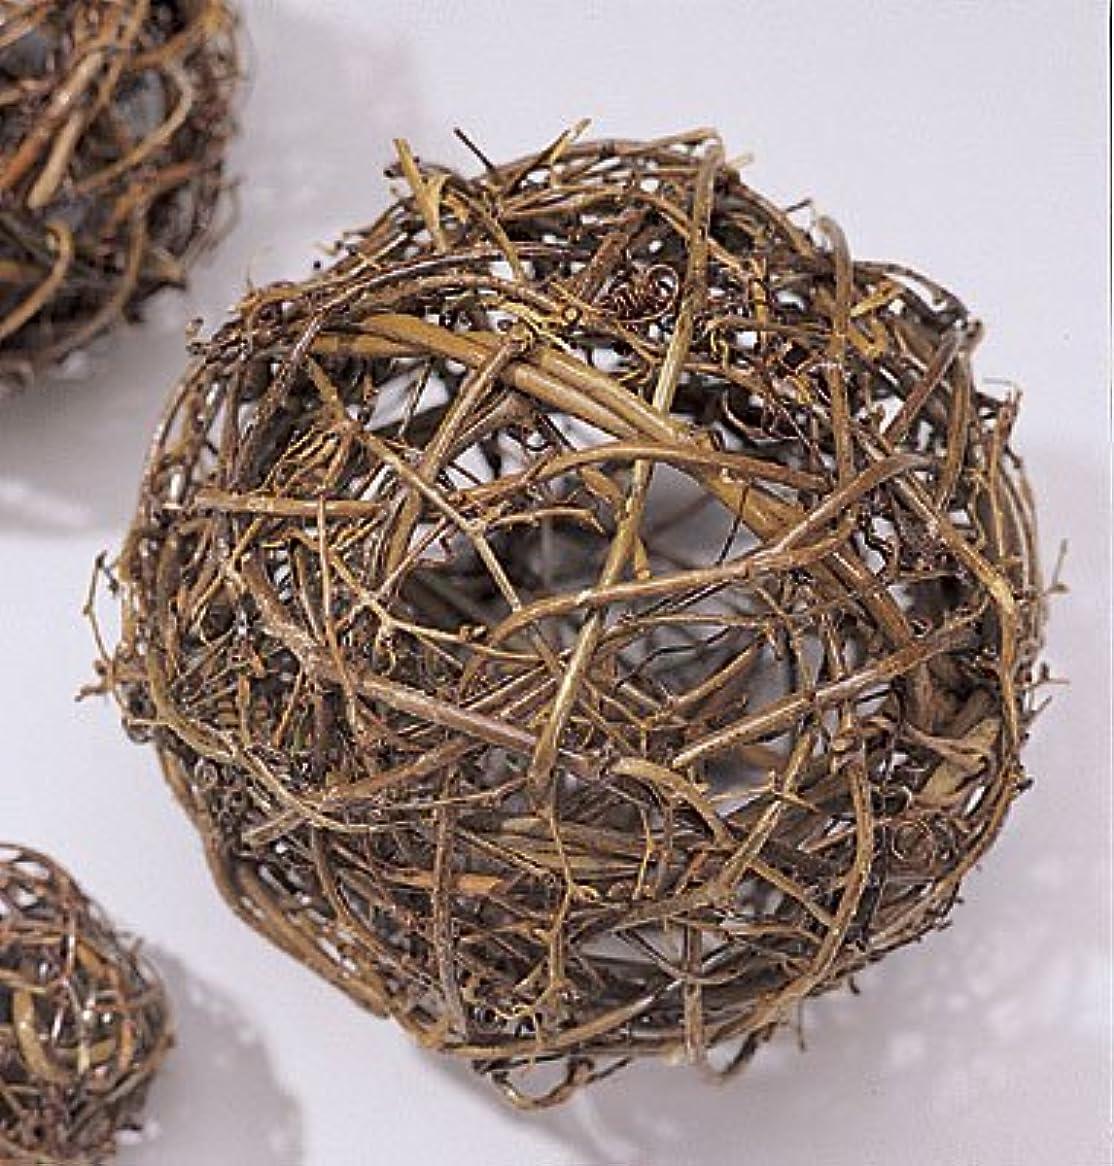 ジャズ逃れる変換する自然Grapevineトピアリーボール6、8、10、12、16、18、24、30、36インチサイズワイヤフレーム Single 30 inch ball